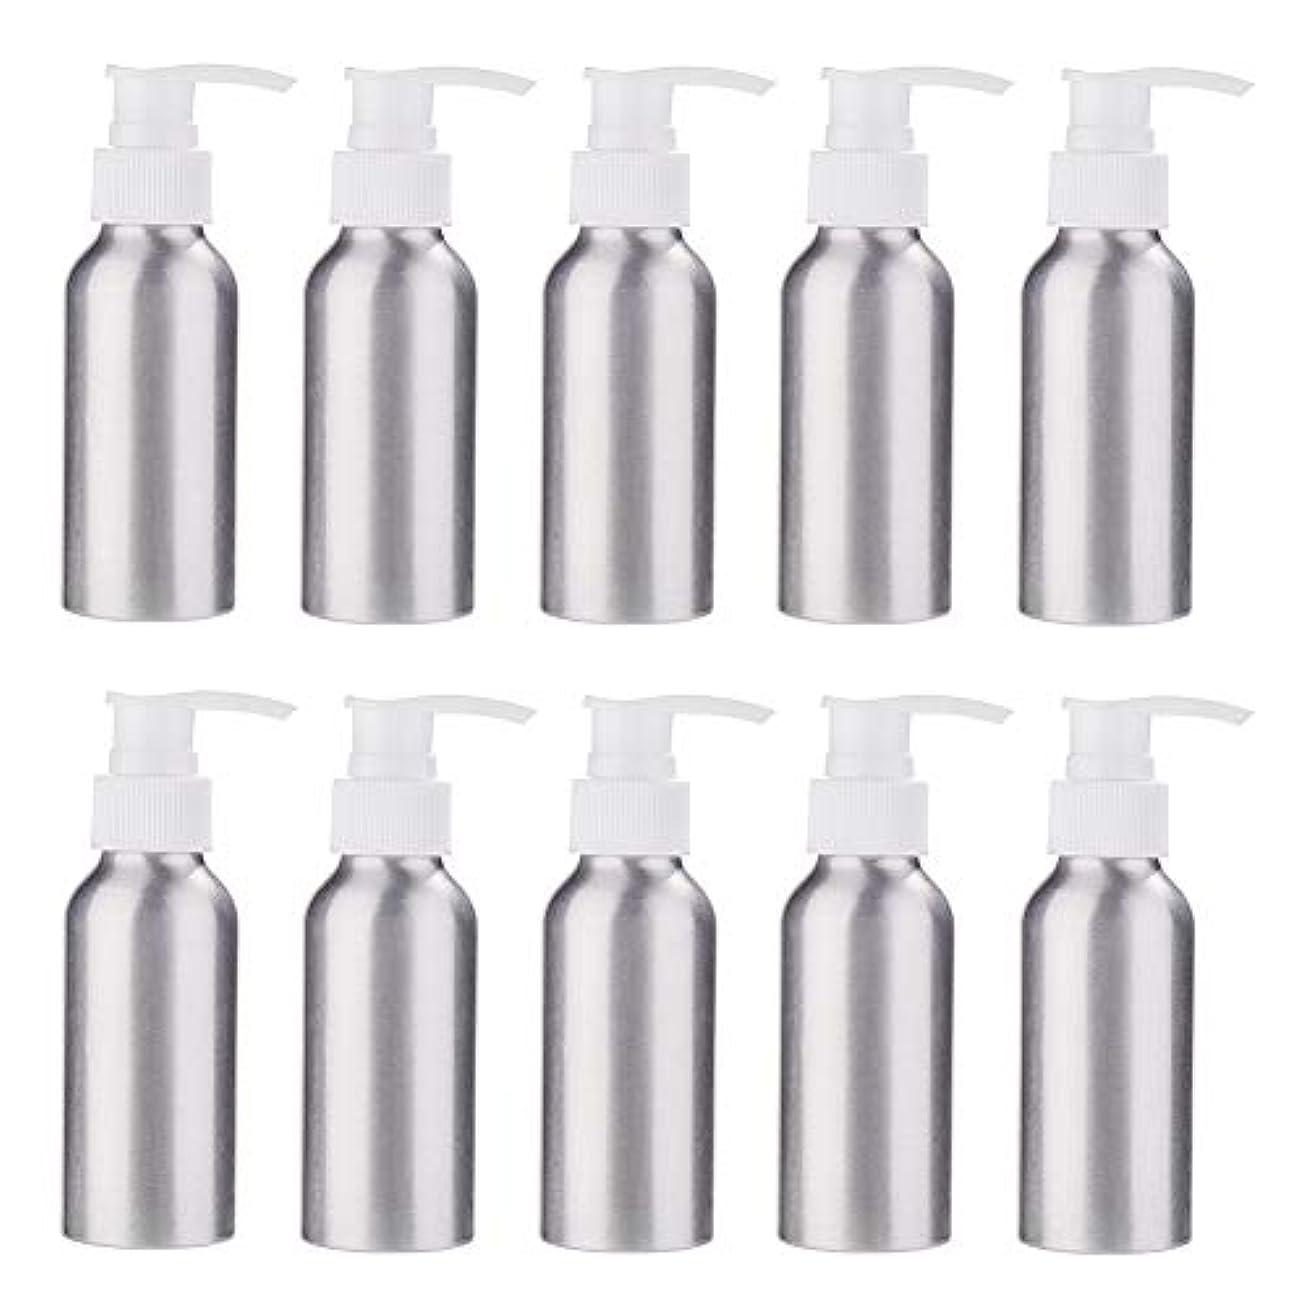 思われる十一特徴づけるBENECREAT 10個セット100mlポンプアルミボトル 空ボトル 防錆 軽量 化粧品 クリーム シャンプー 小分け 詰め替え 白いポンプ